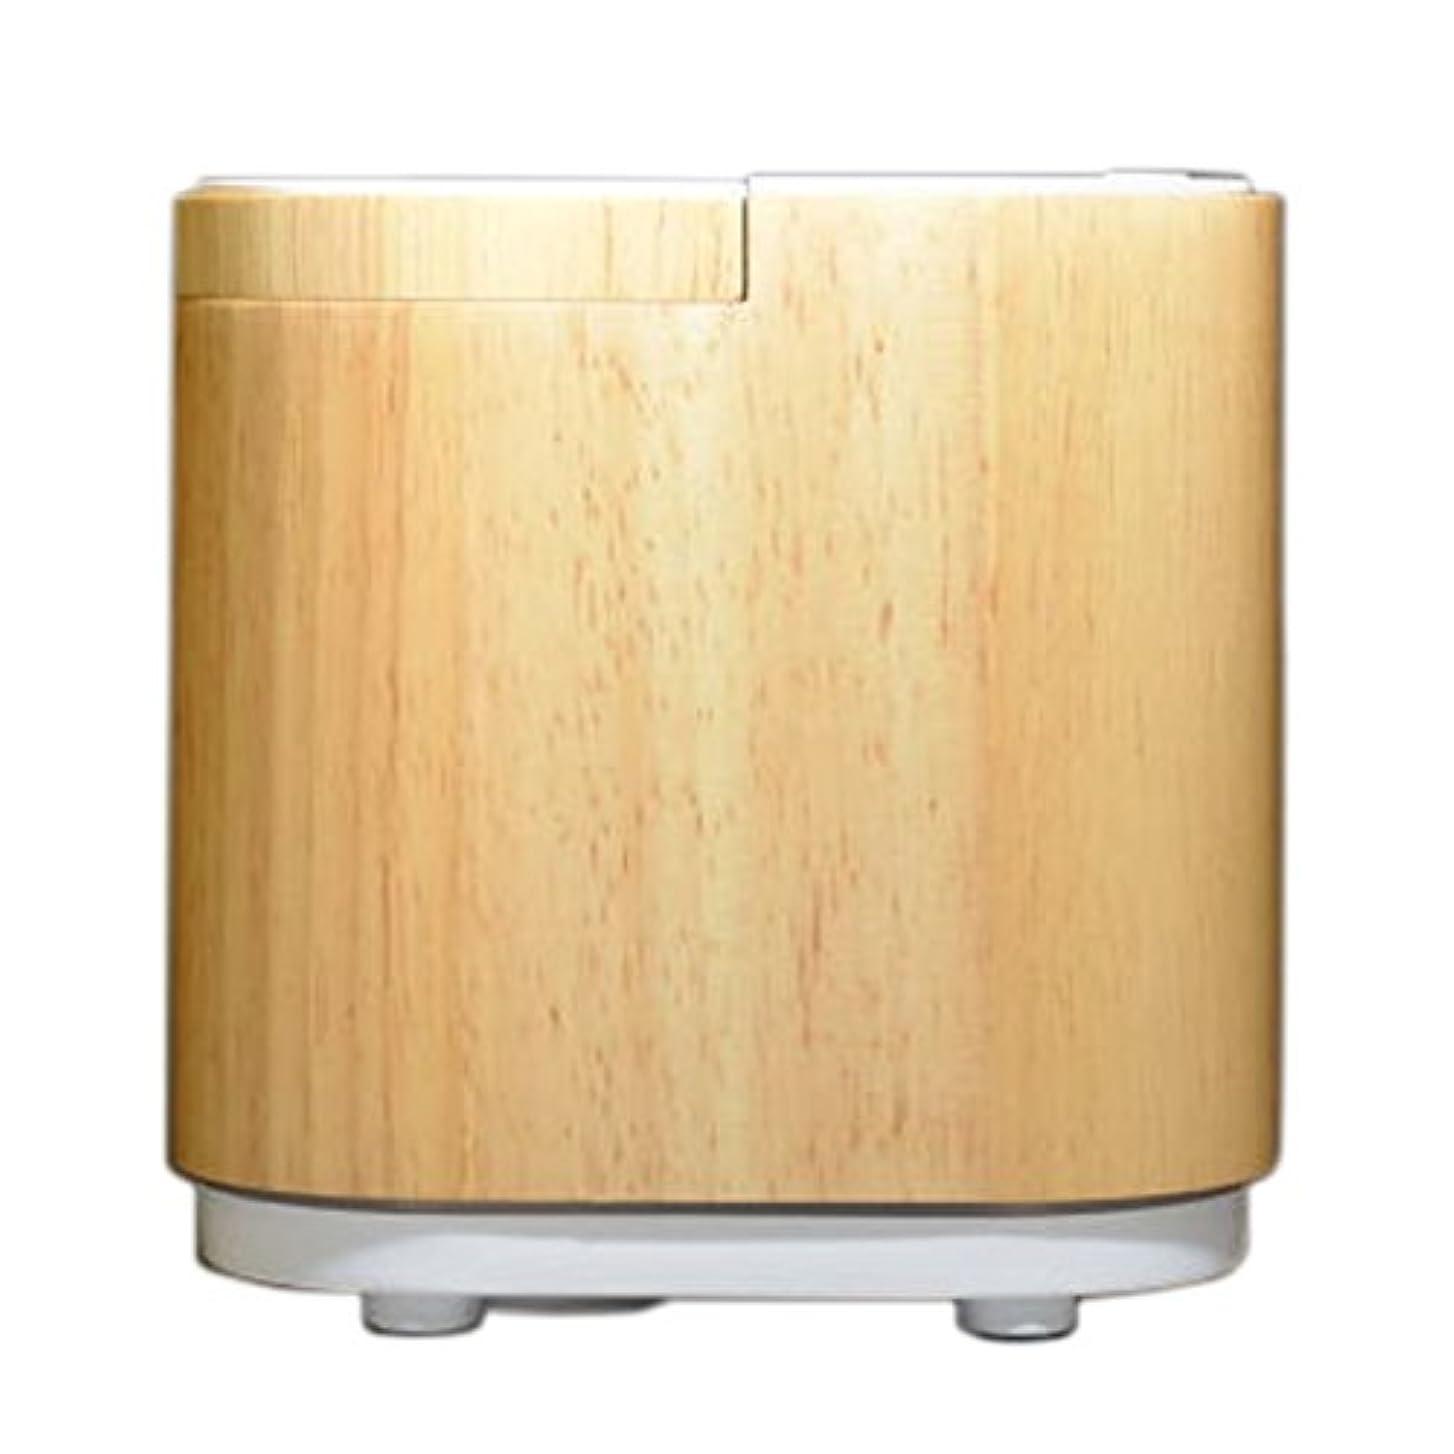 売り手謎めいた同種の生活の木 アロモアウッド [aromore] エッセンシャルオイルディフューザー アロマディフューザー